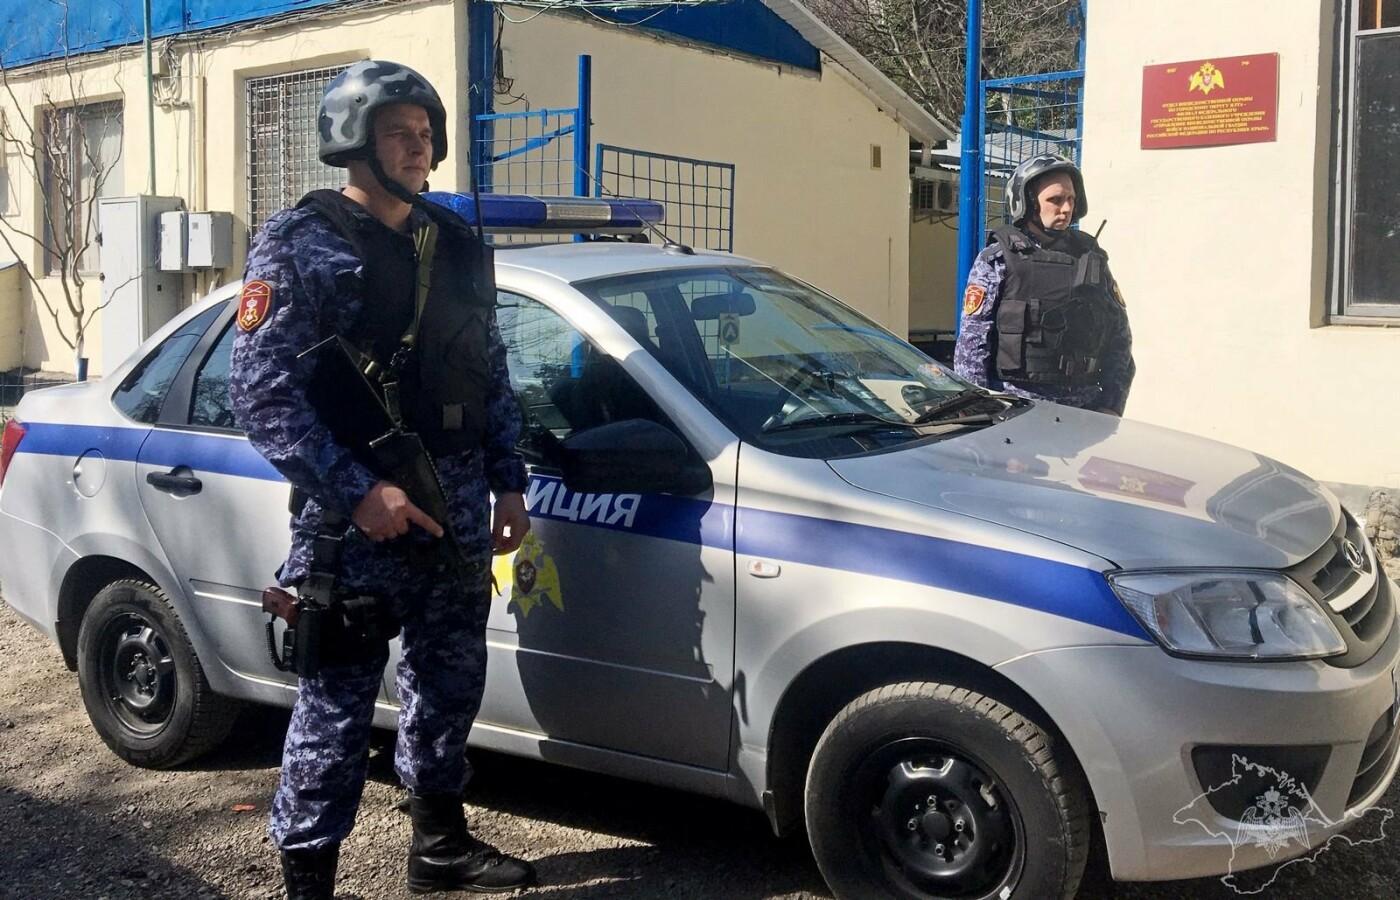 В Ялте росгвардейцы задержали ночного взломщика кафе с выручкой в кармане, фото-1